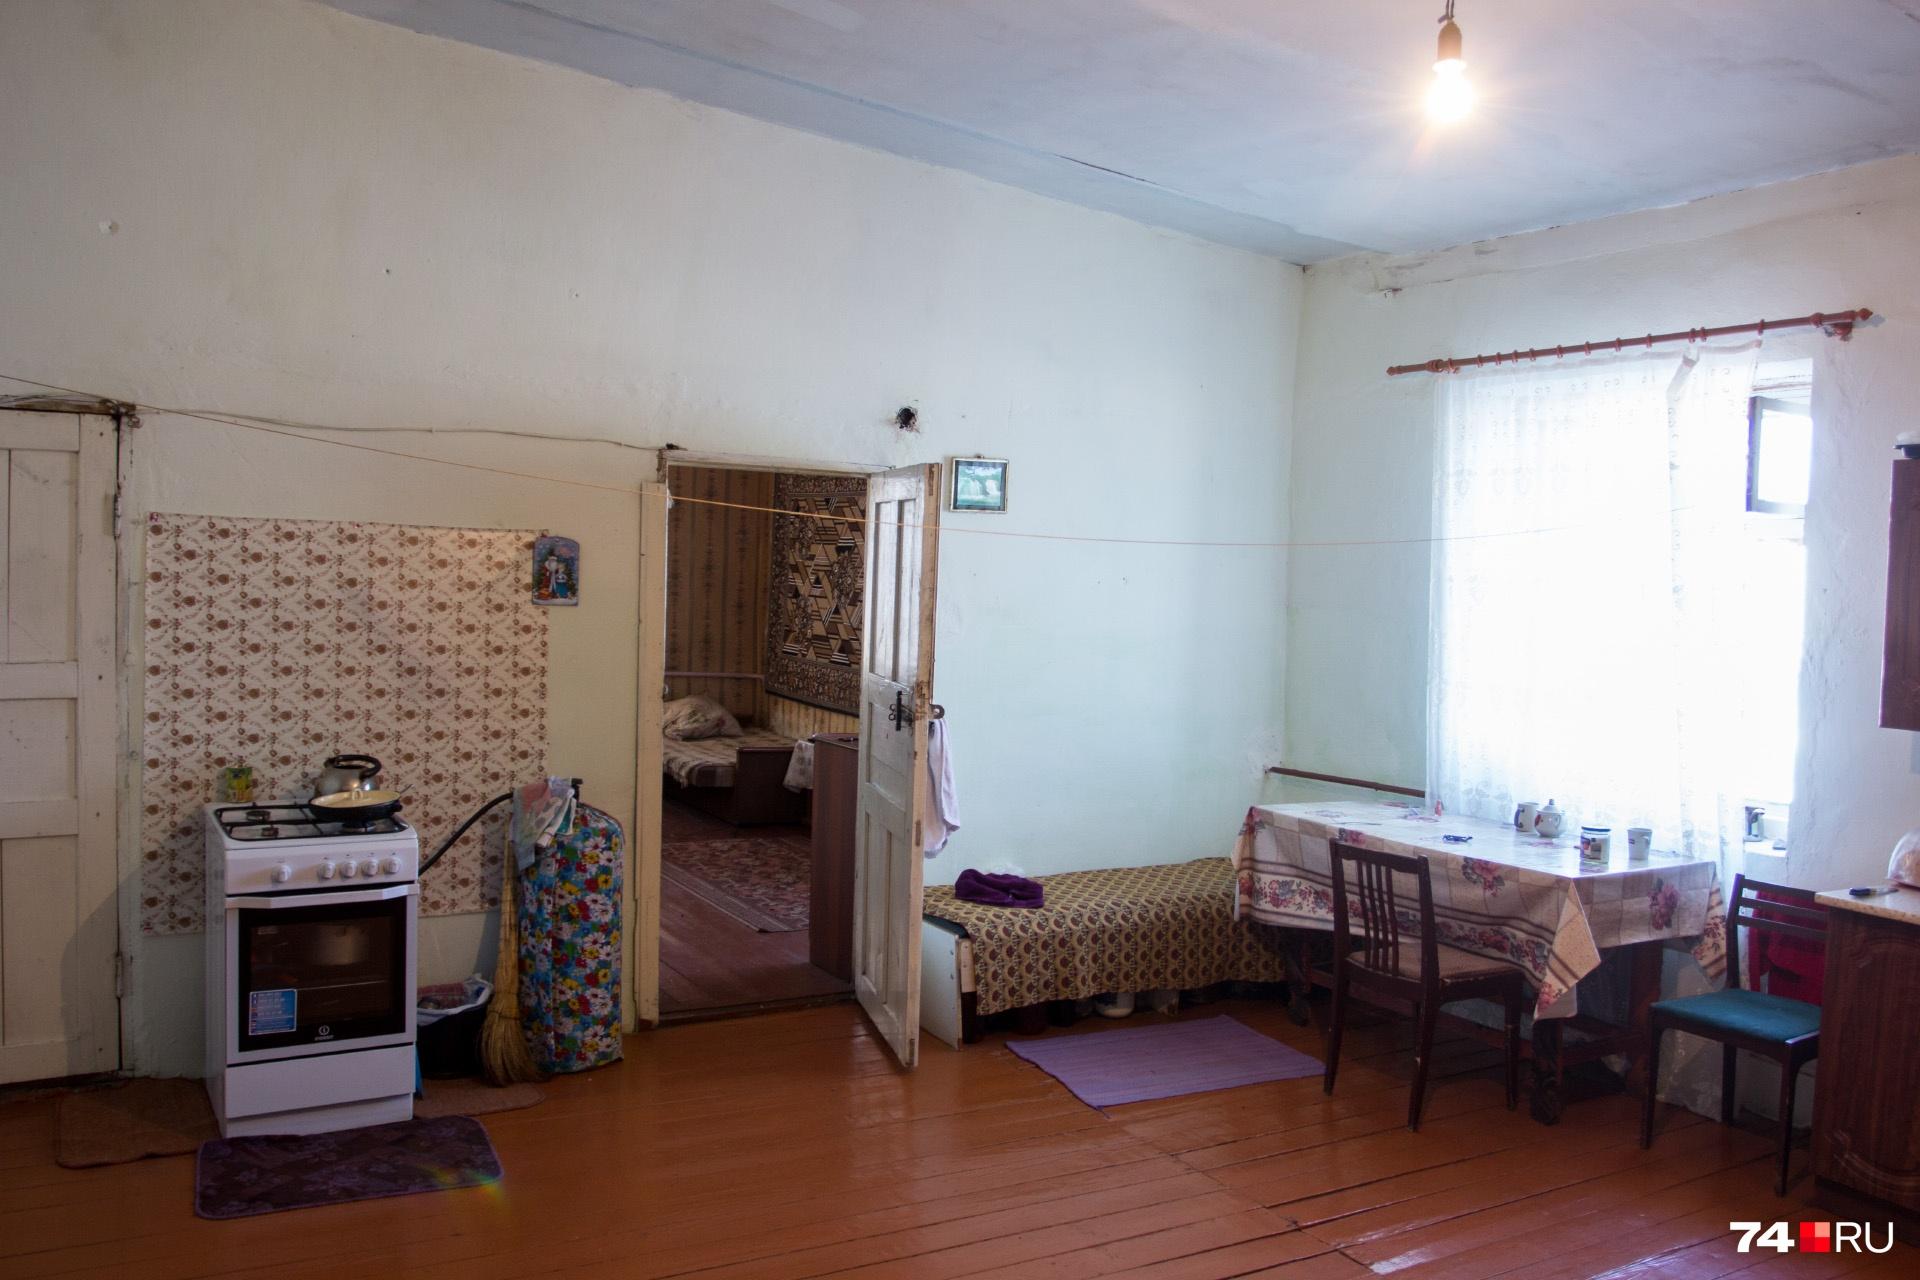 В доме живёт несколько семей, и пока переезжать они никуда не собираются